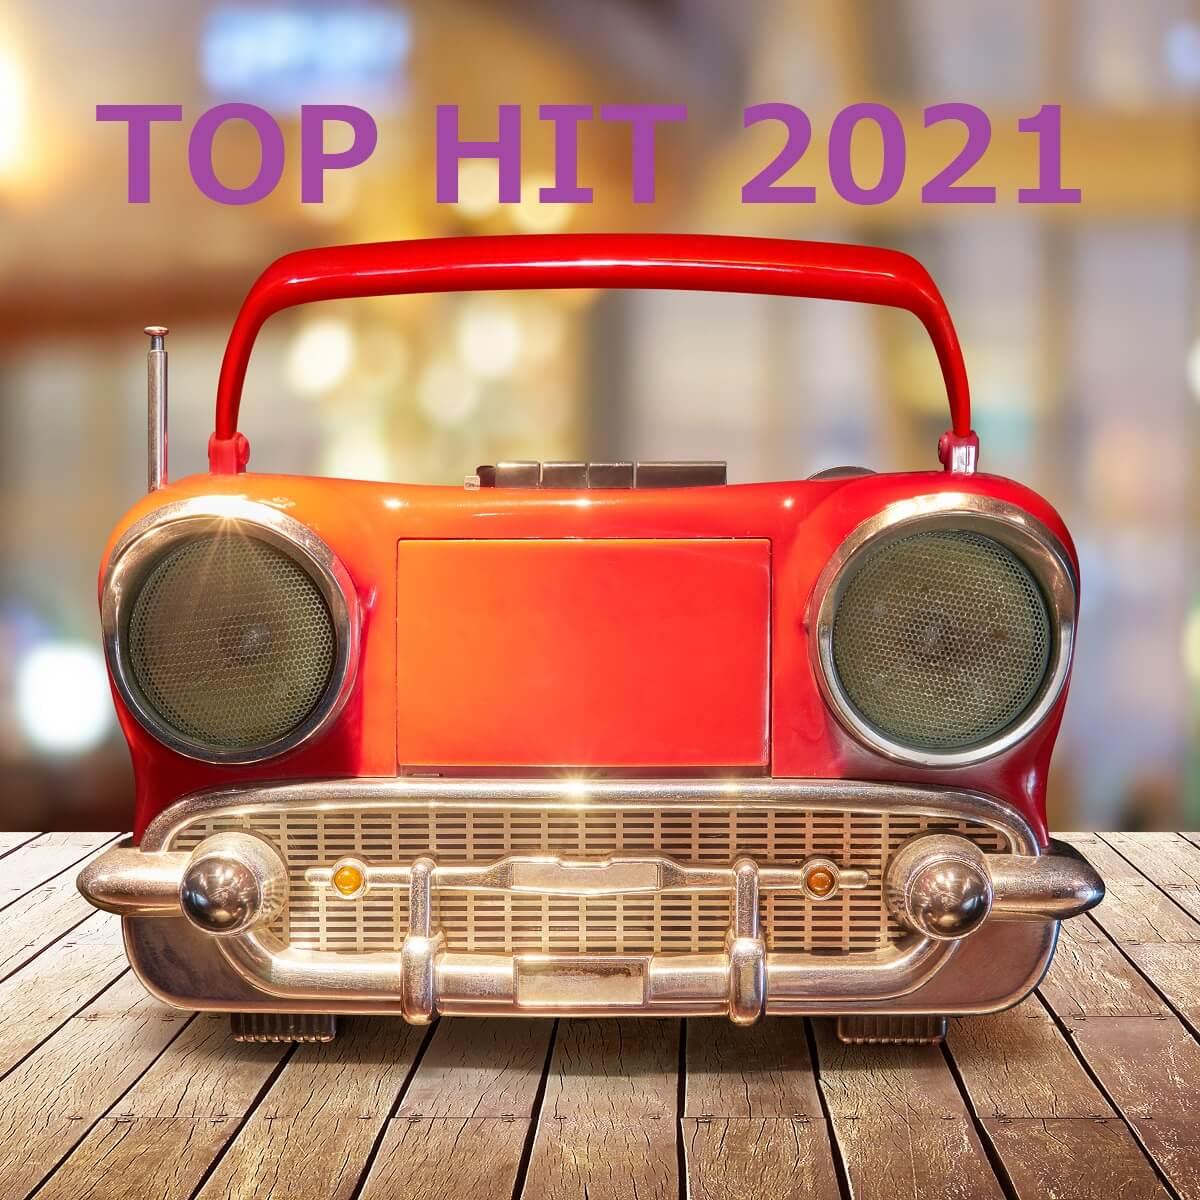 ボカロ曲の人気ランキング2021年版!TOP3を発表【sou.universe】